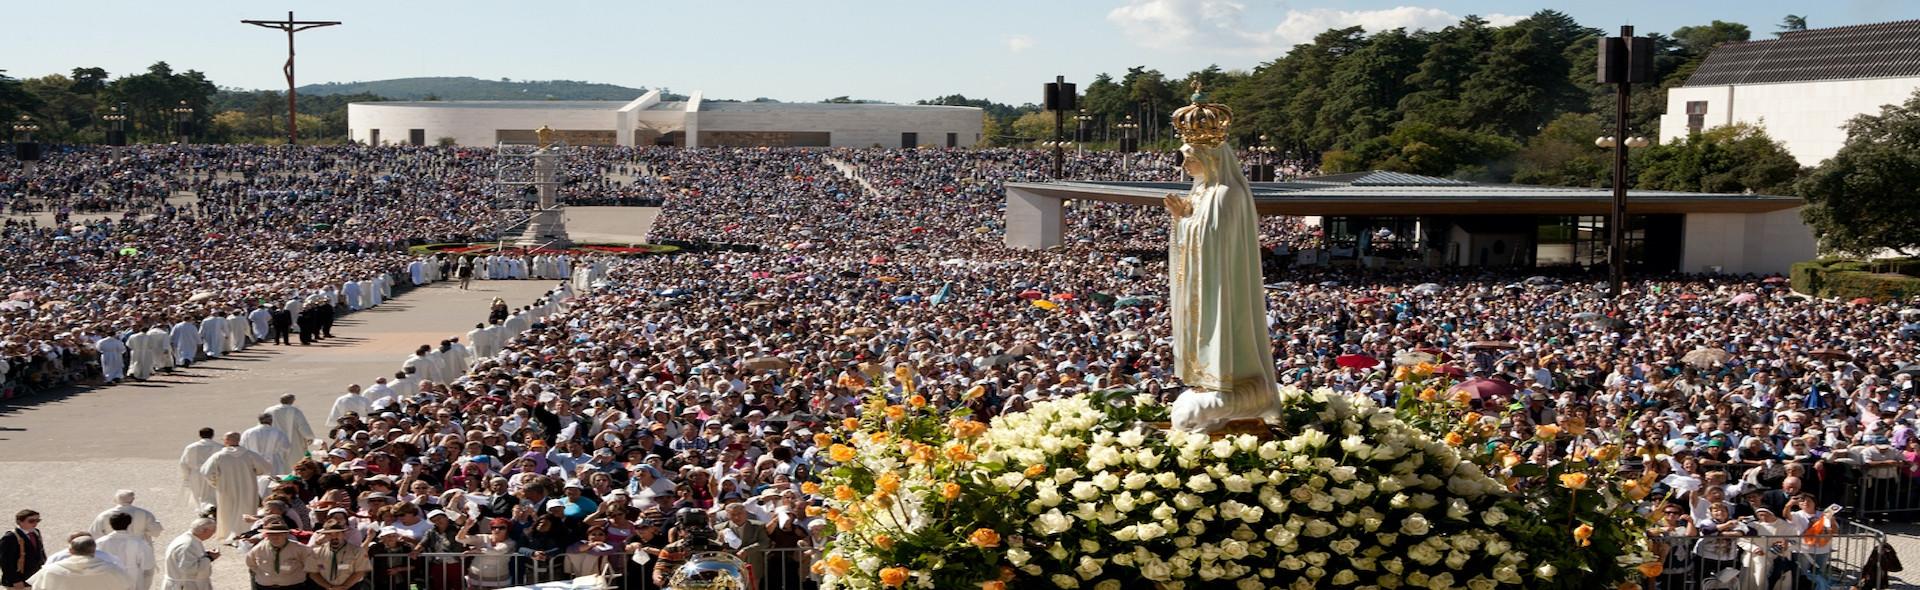 Pellegrinaggio a Fatima da Milano Santi